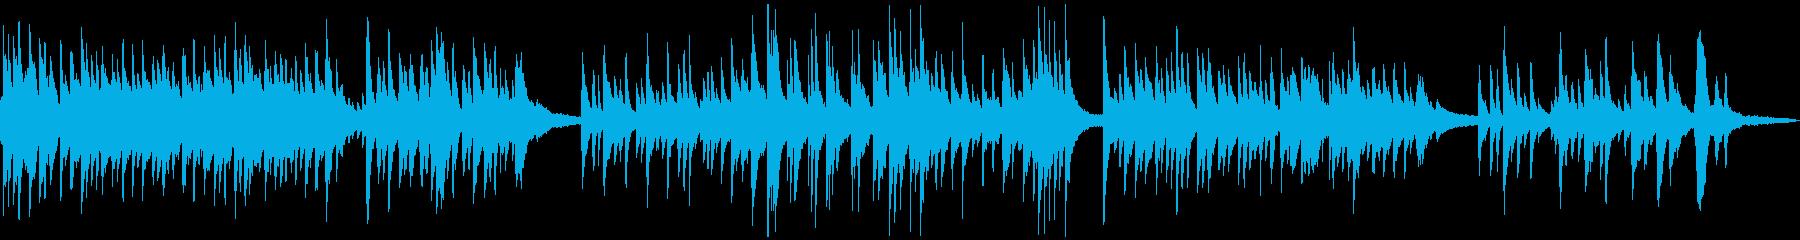 緩やかで優しいアコースティック音楽の再生済みの波形